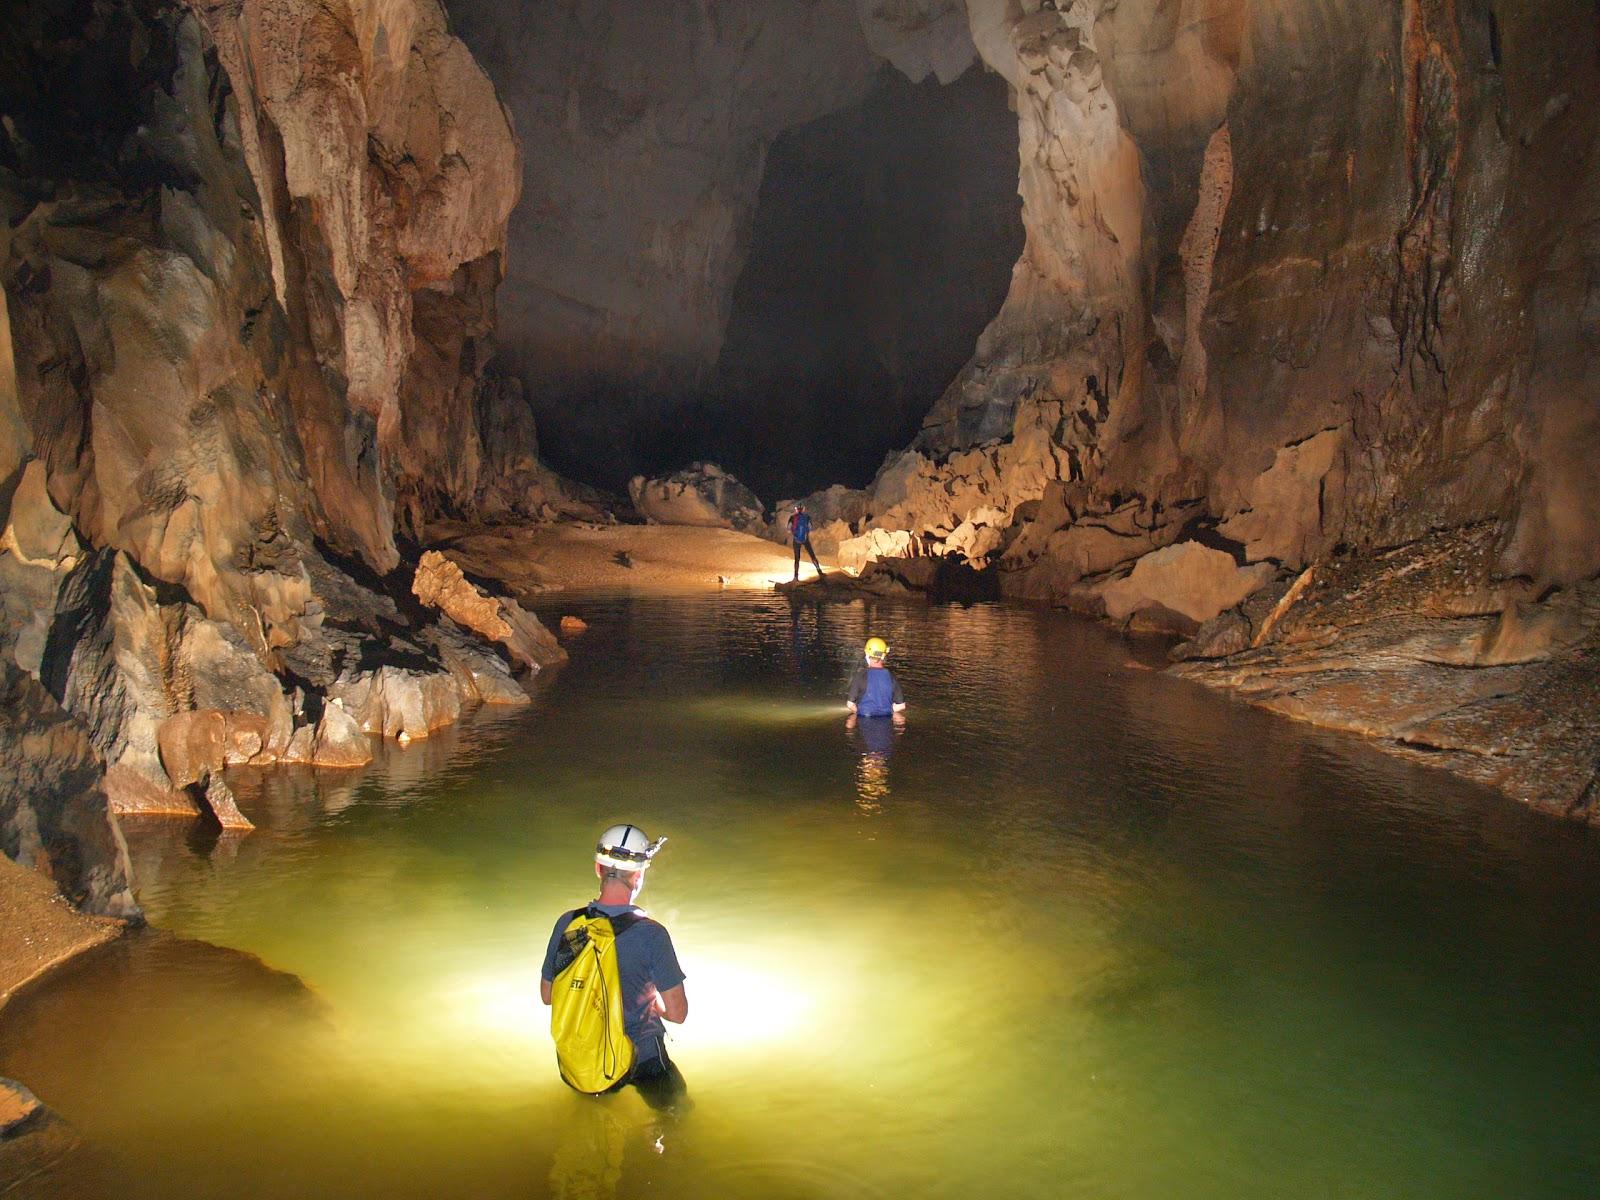 Trekking Son Doong Cave